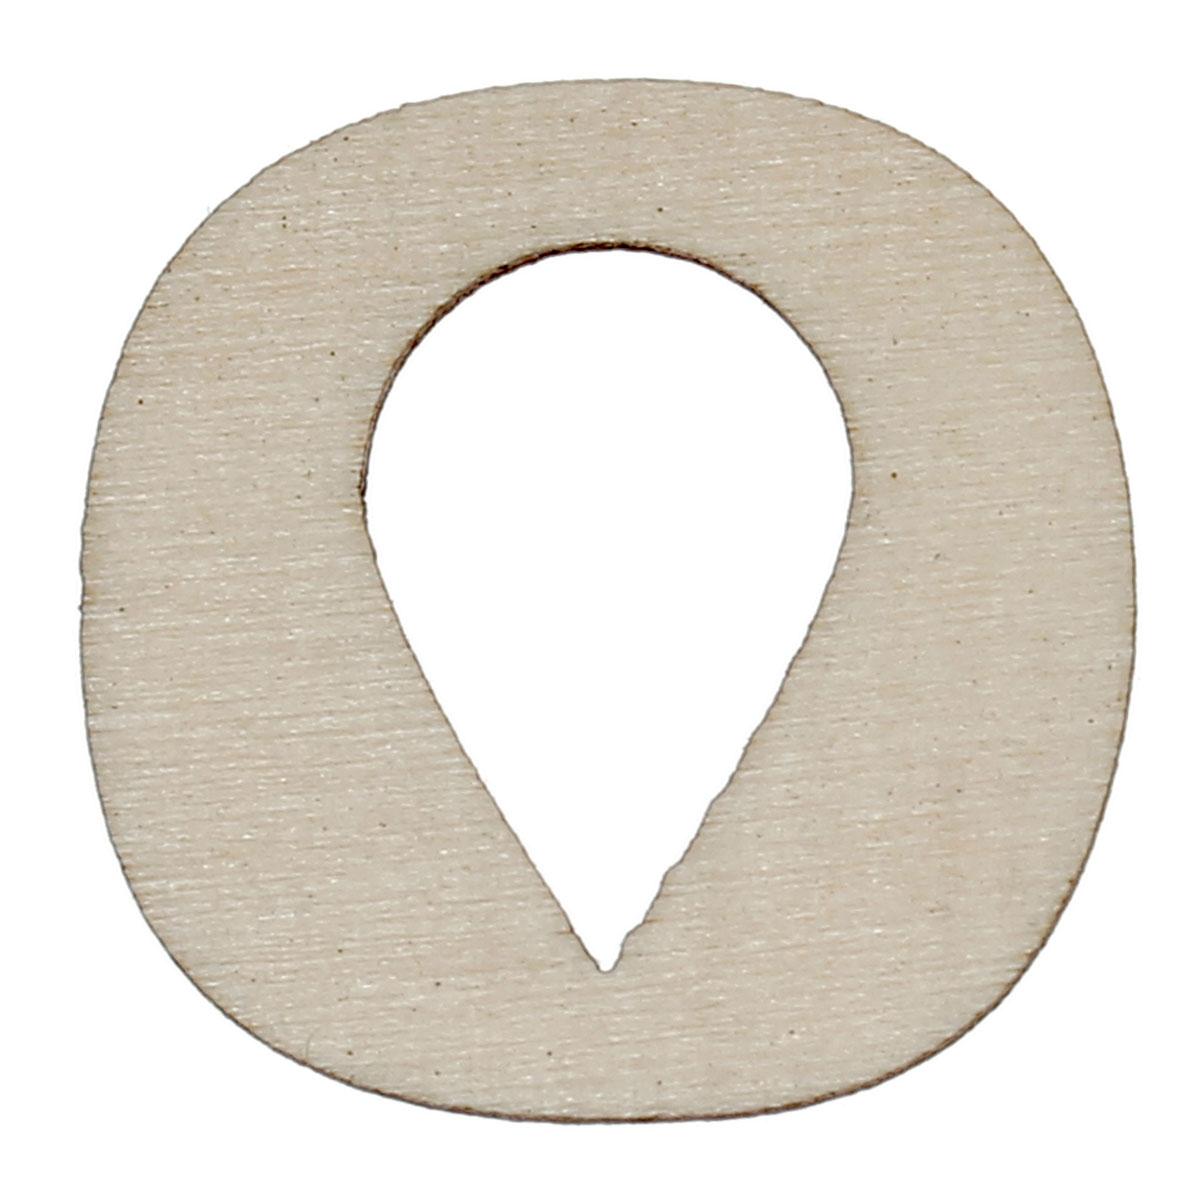 59f97fffef Legno scrapbooking ornati e decori art craft collection quadrato naturale  goccia hollow 25mm (1 ) x 25mm (1), ...